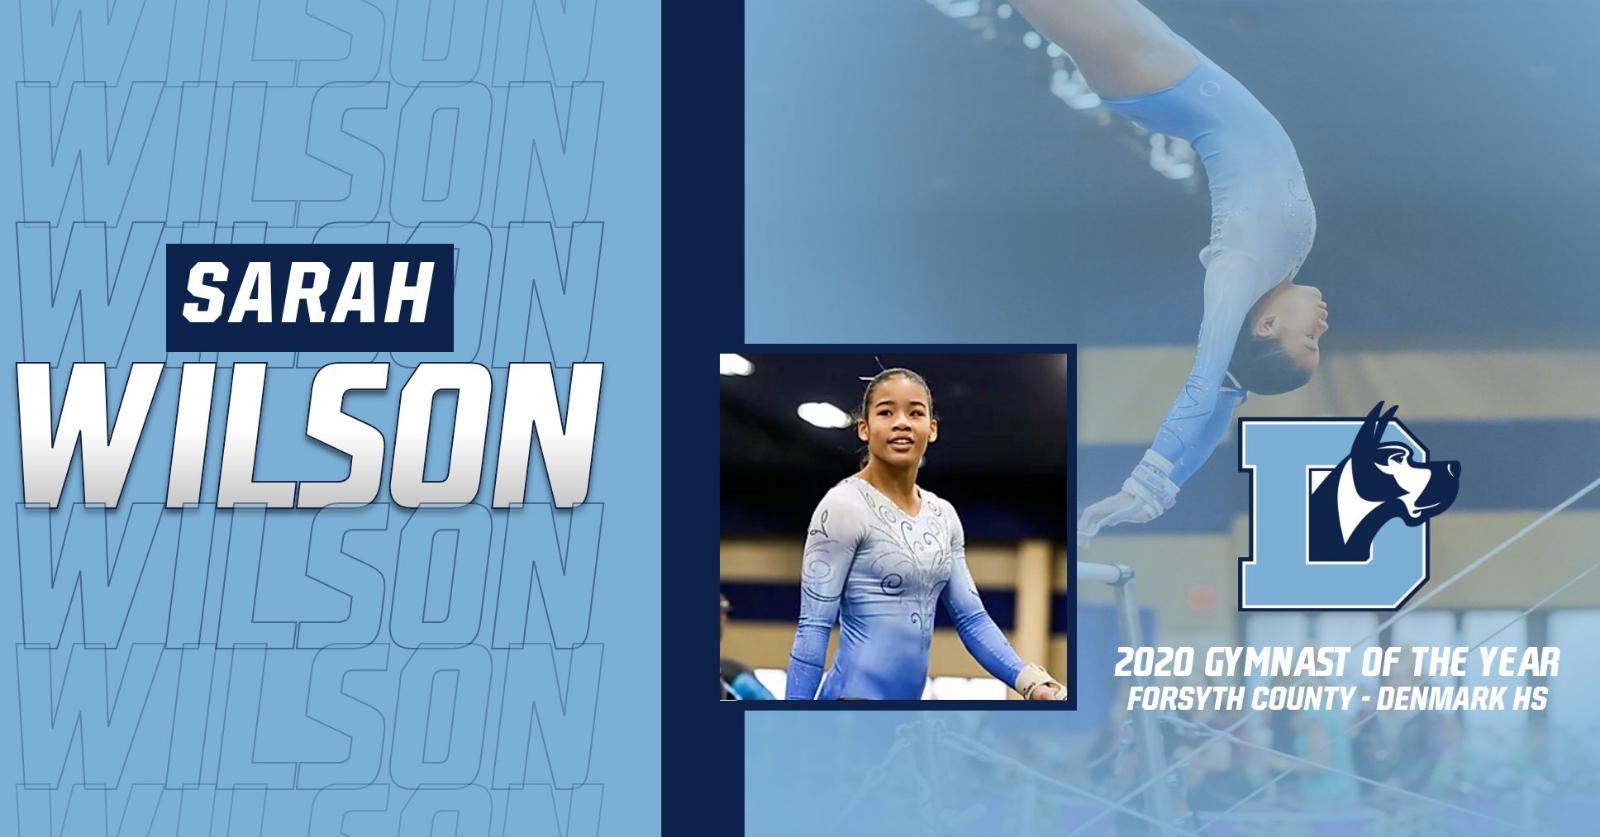 Congrats Sarah Wilson